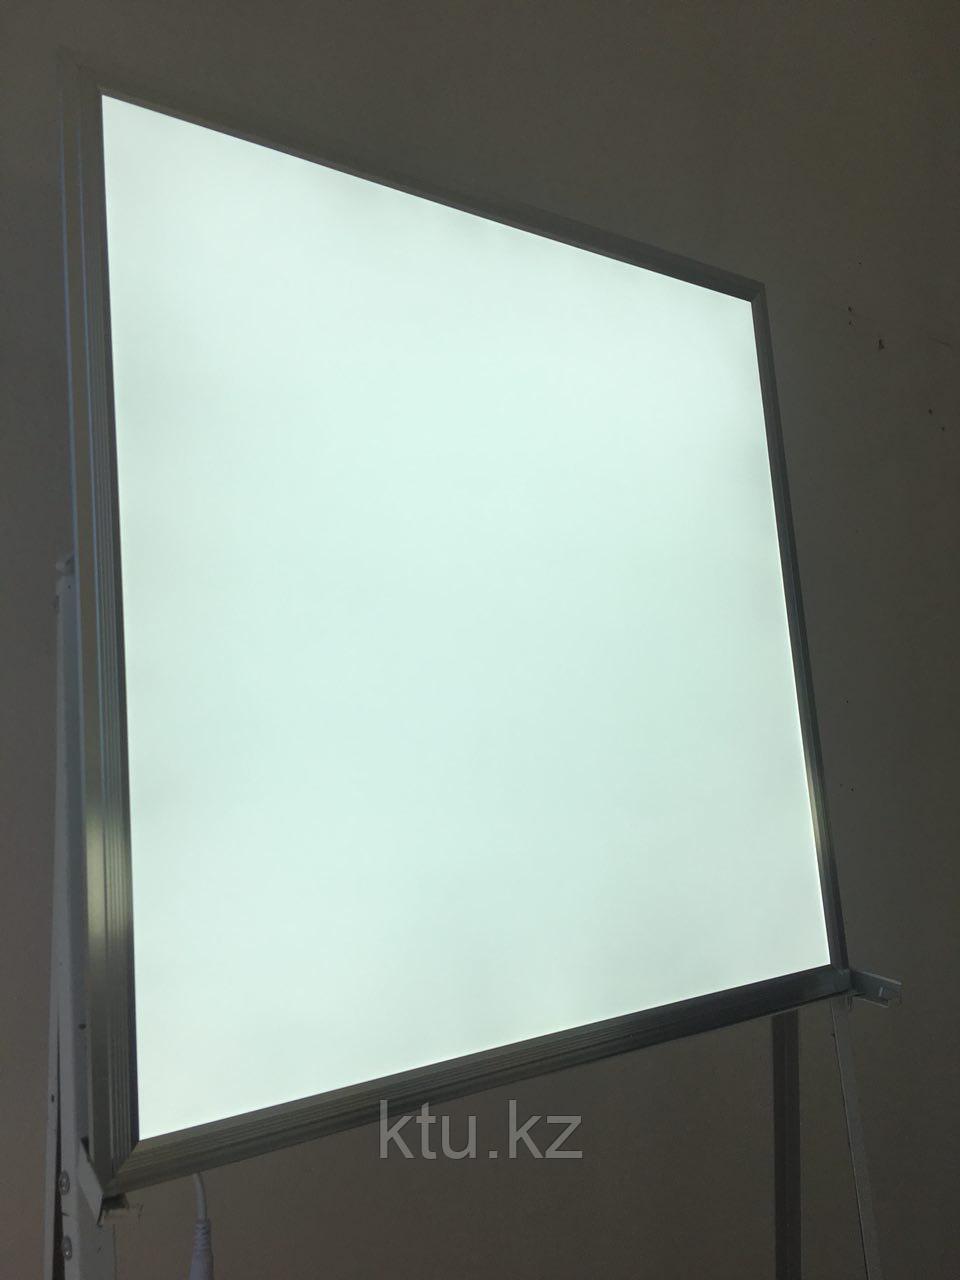 Светильник под армстронг JL6060 48W, наружный 1год гарантия